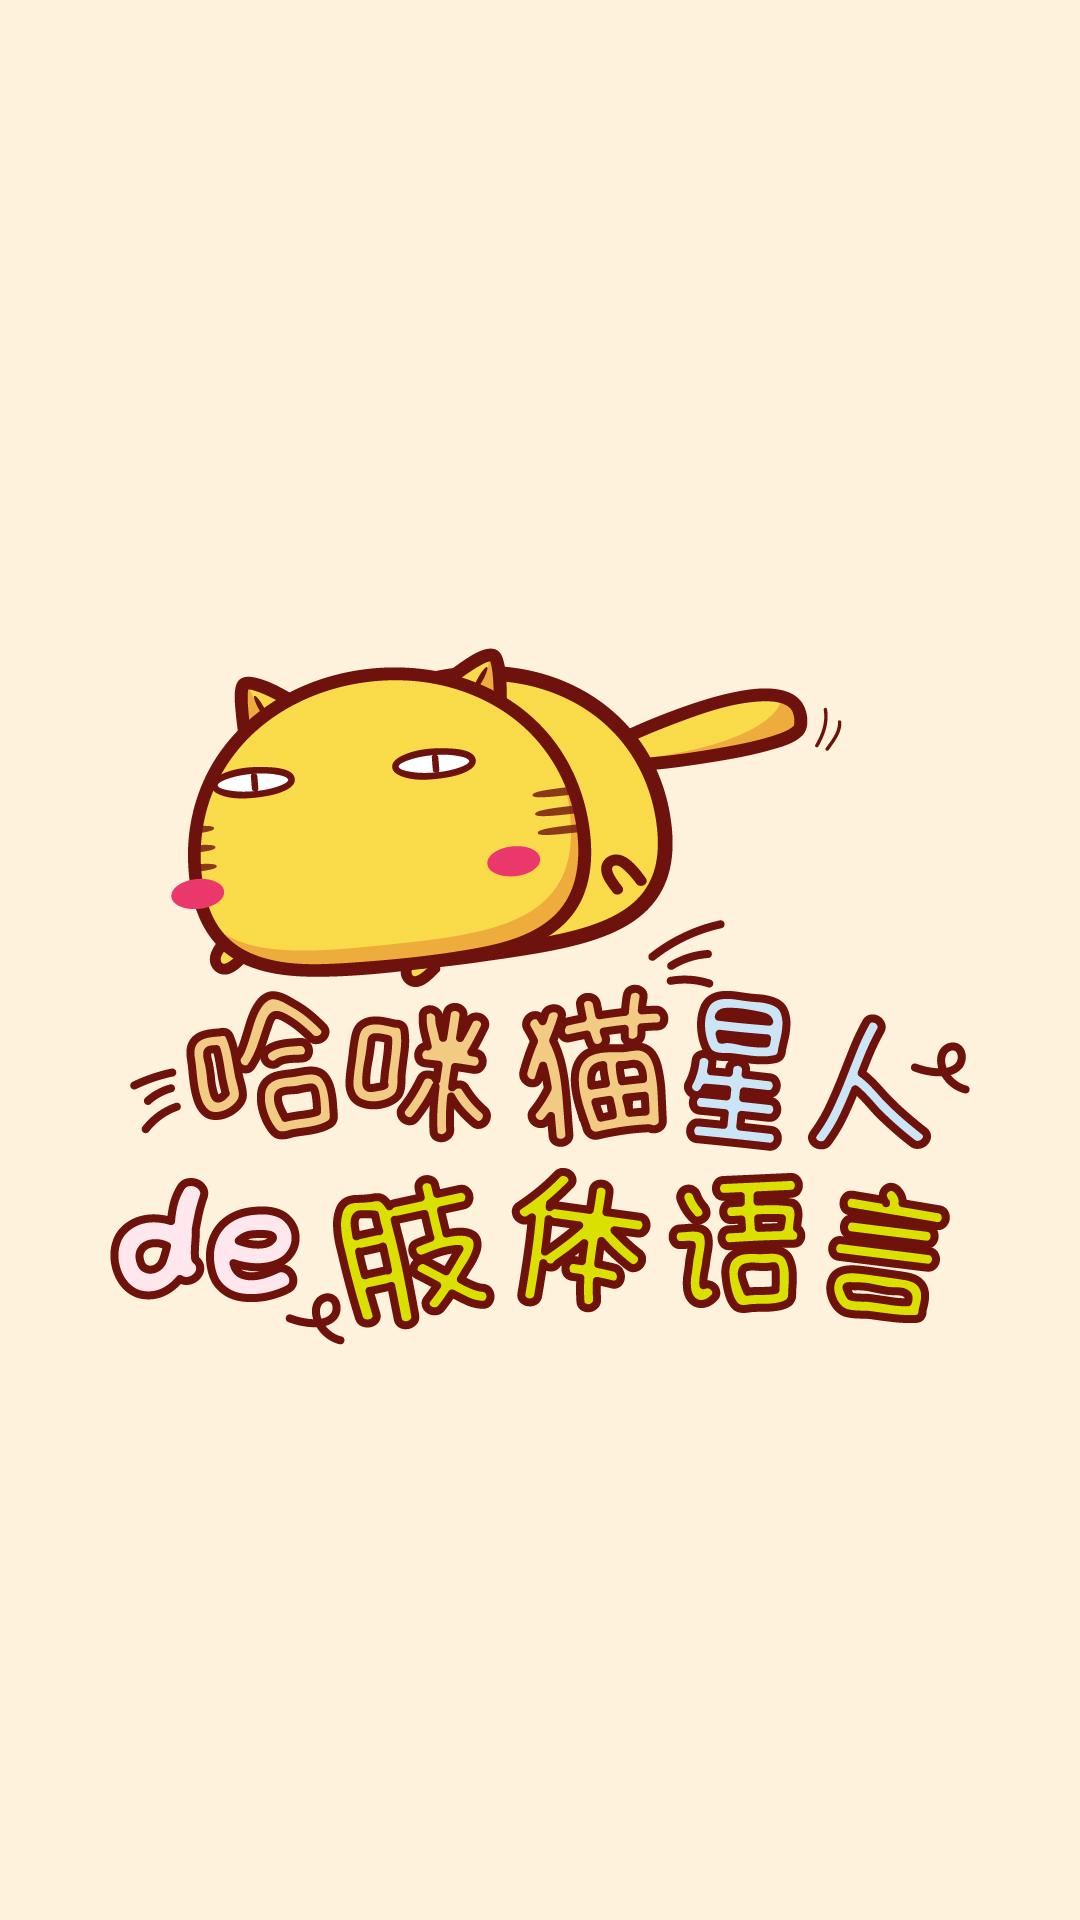 哈咪猫的的肢体语言